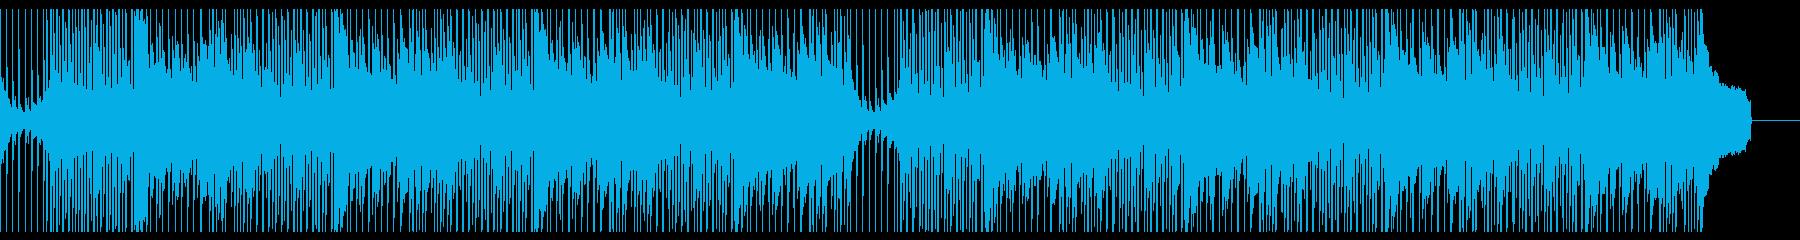 ポジティブで前向きな童謡アレンジの再生済みの波形